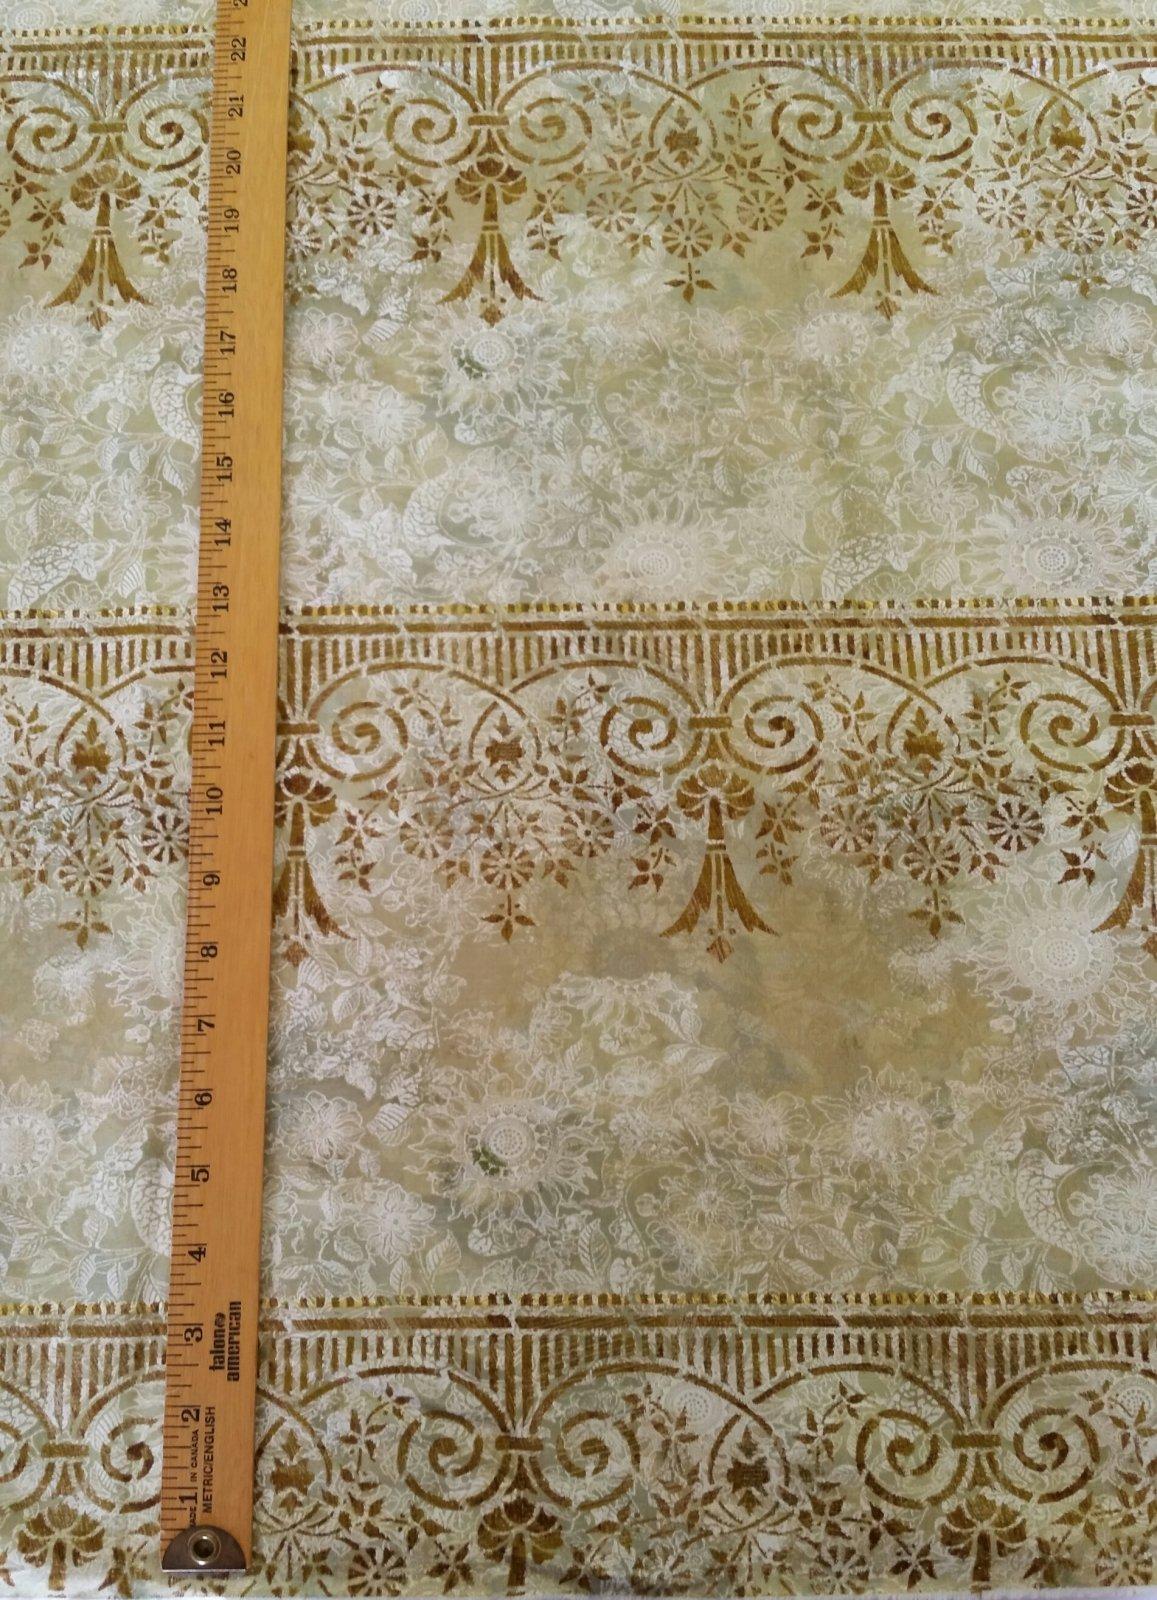 Galeria Encantada-P&B Textiles